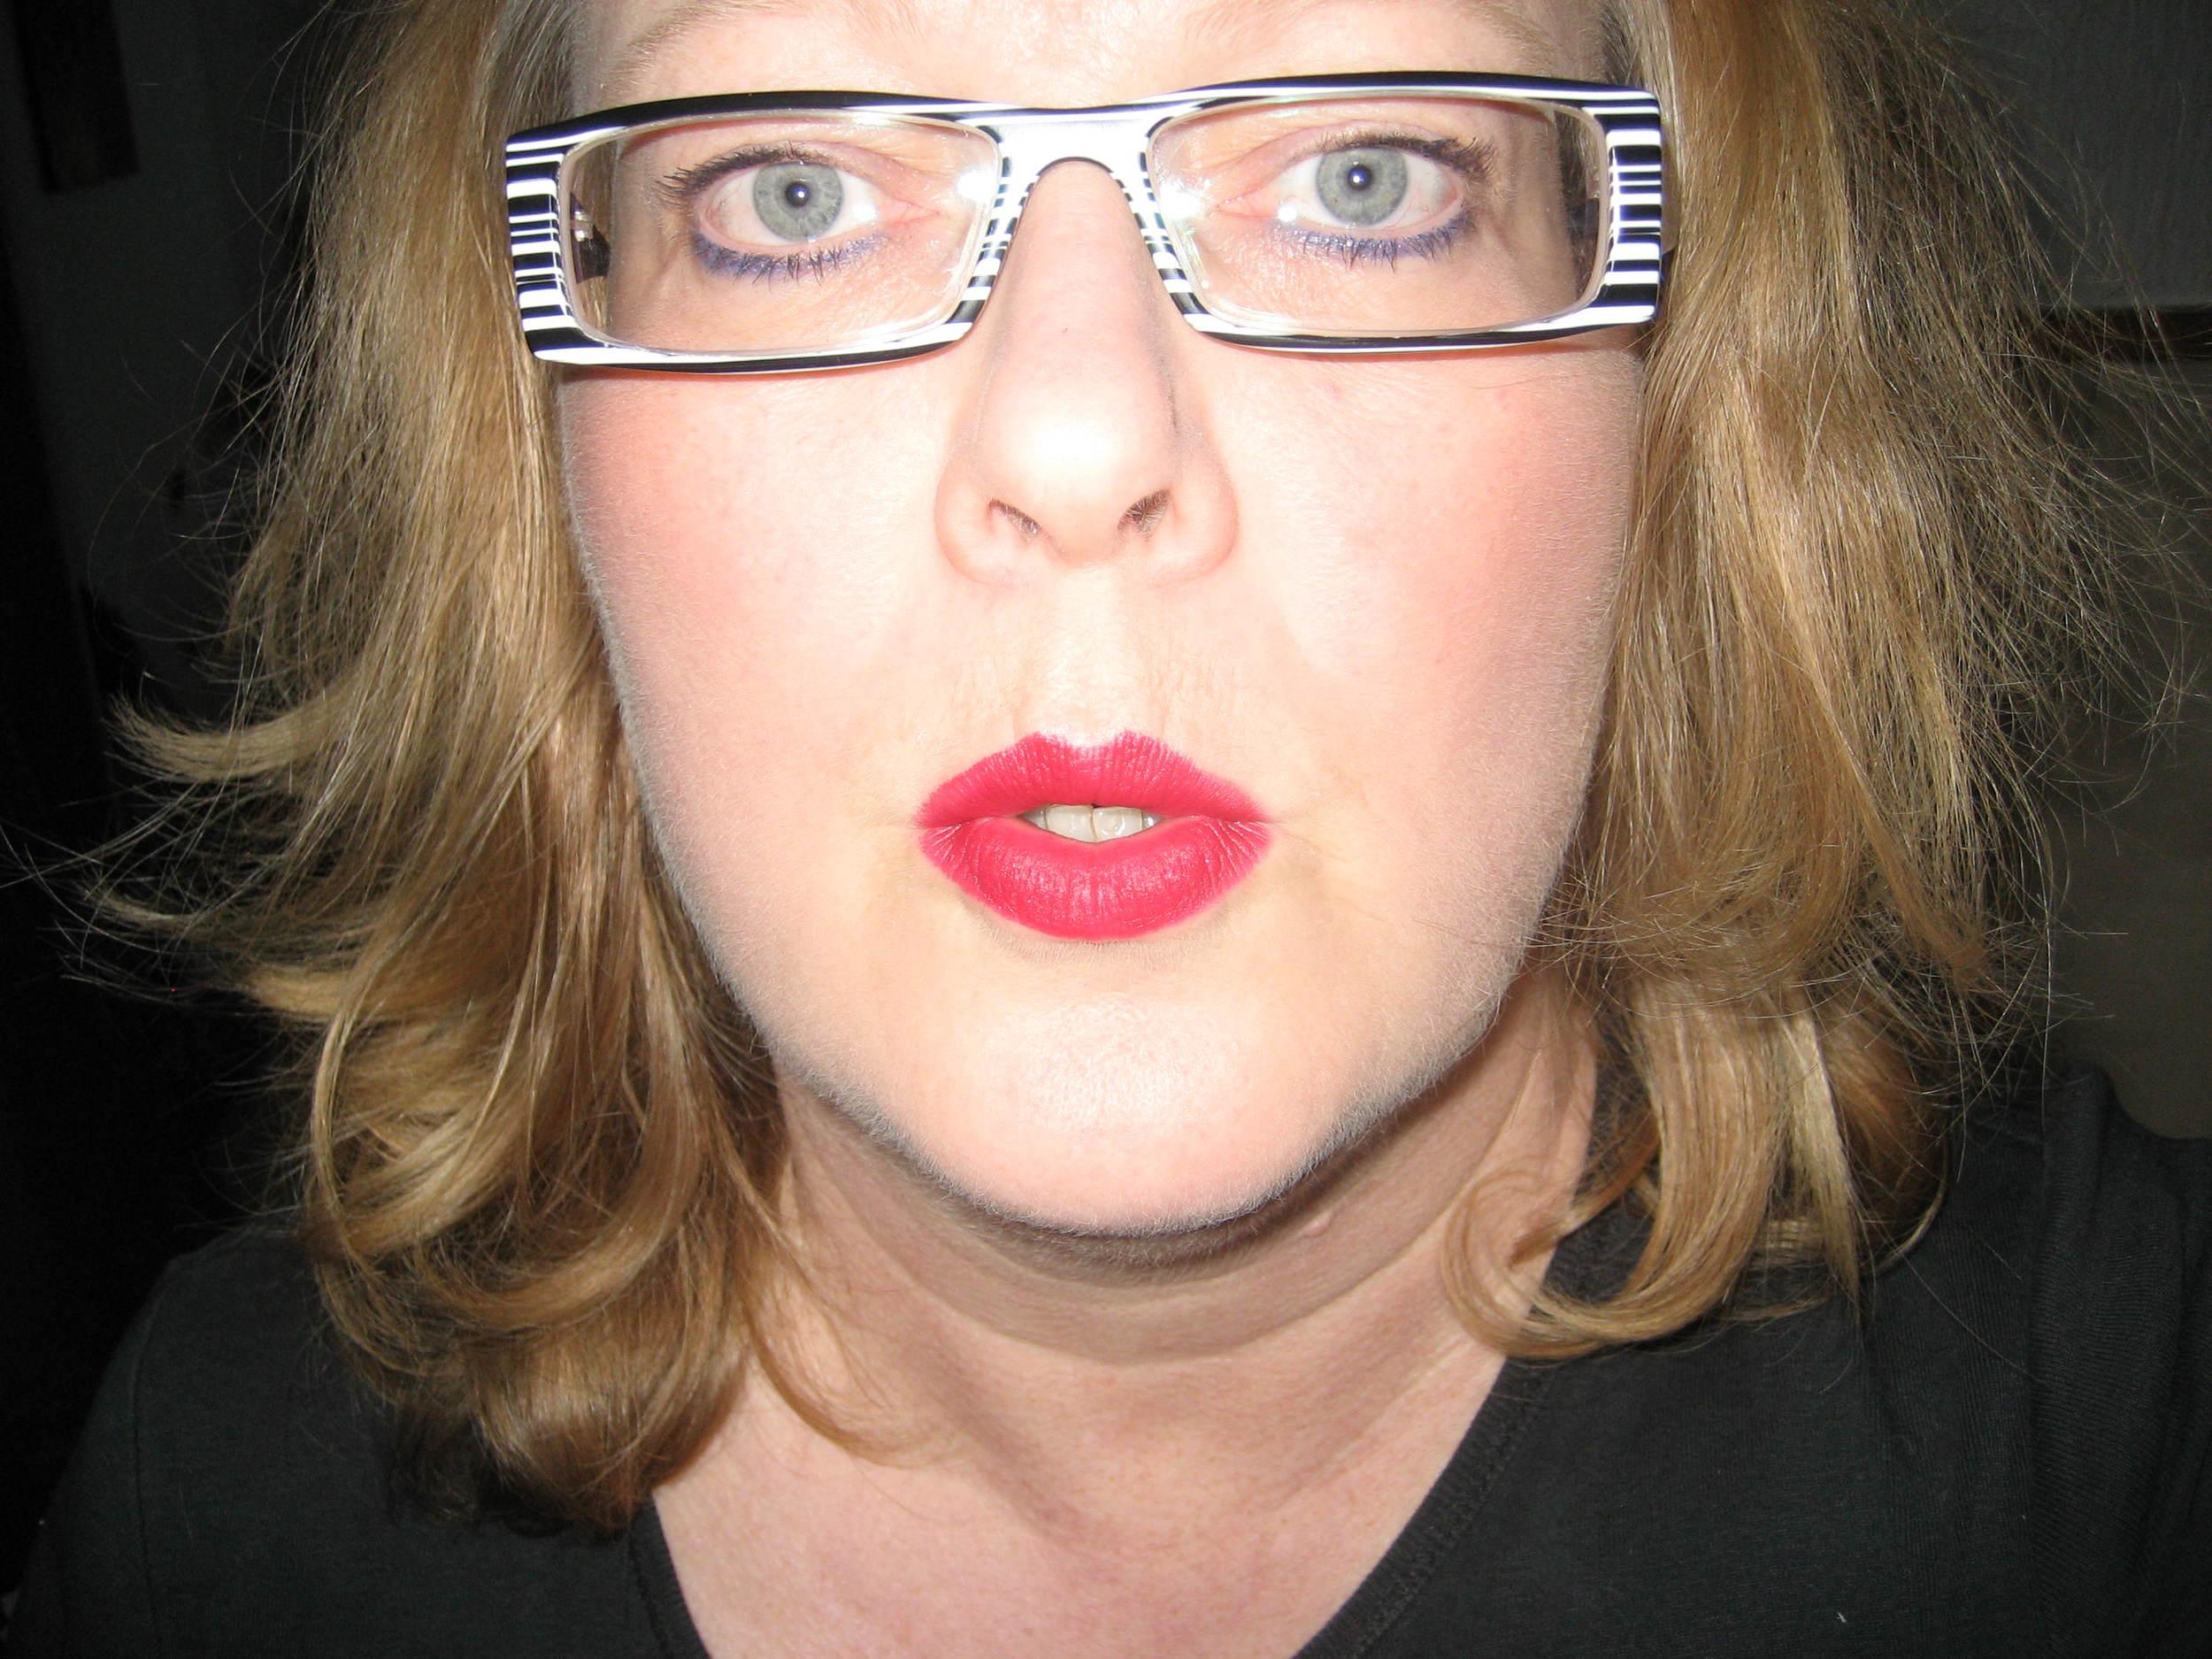 Kim Winkler